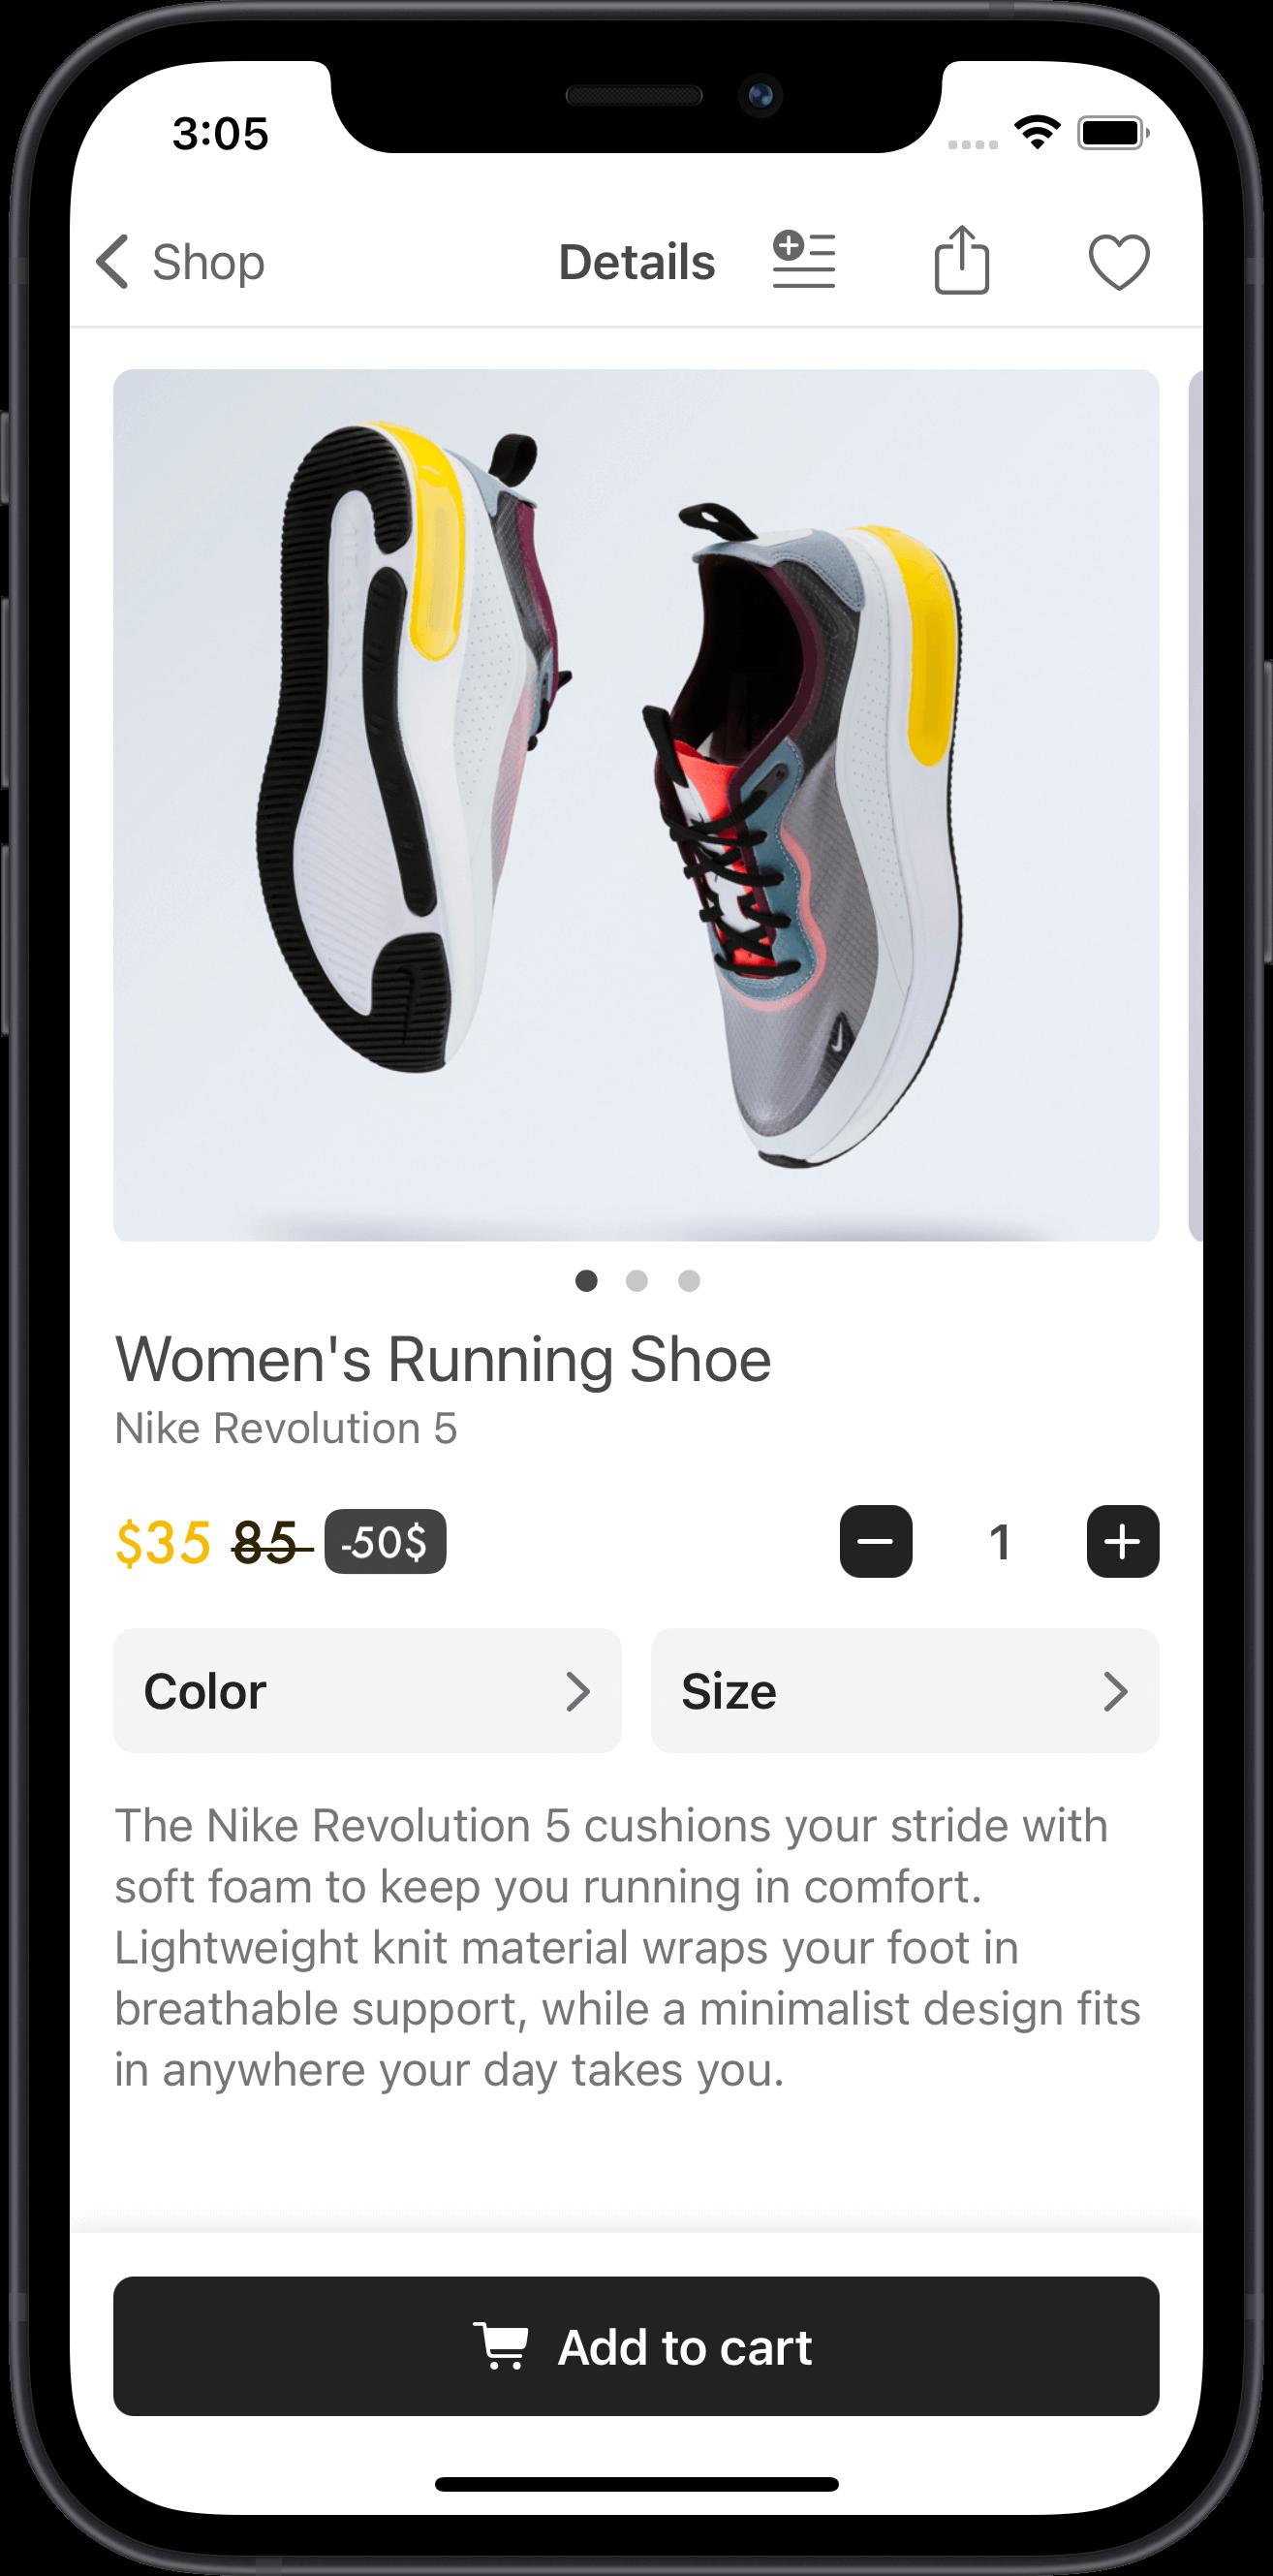 e-commerce, men, running shoes, nike